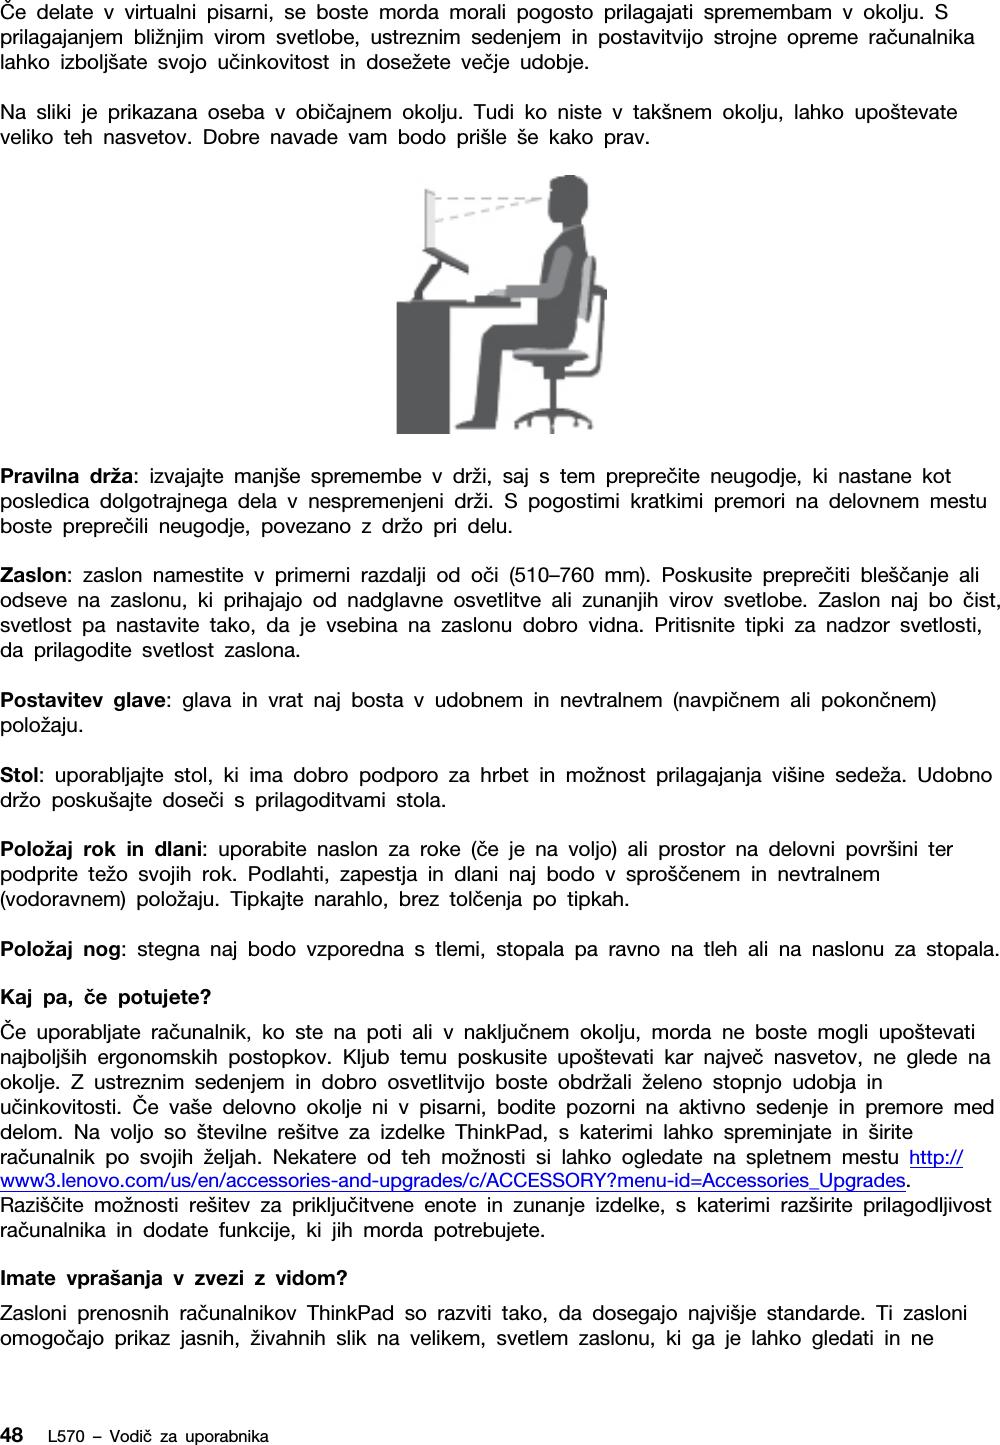 Lenovo L570 Ug Sl – Vodič Za Uporabnika User Manual